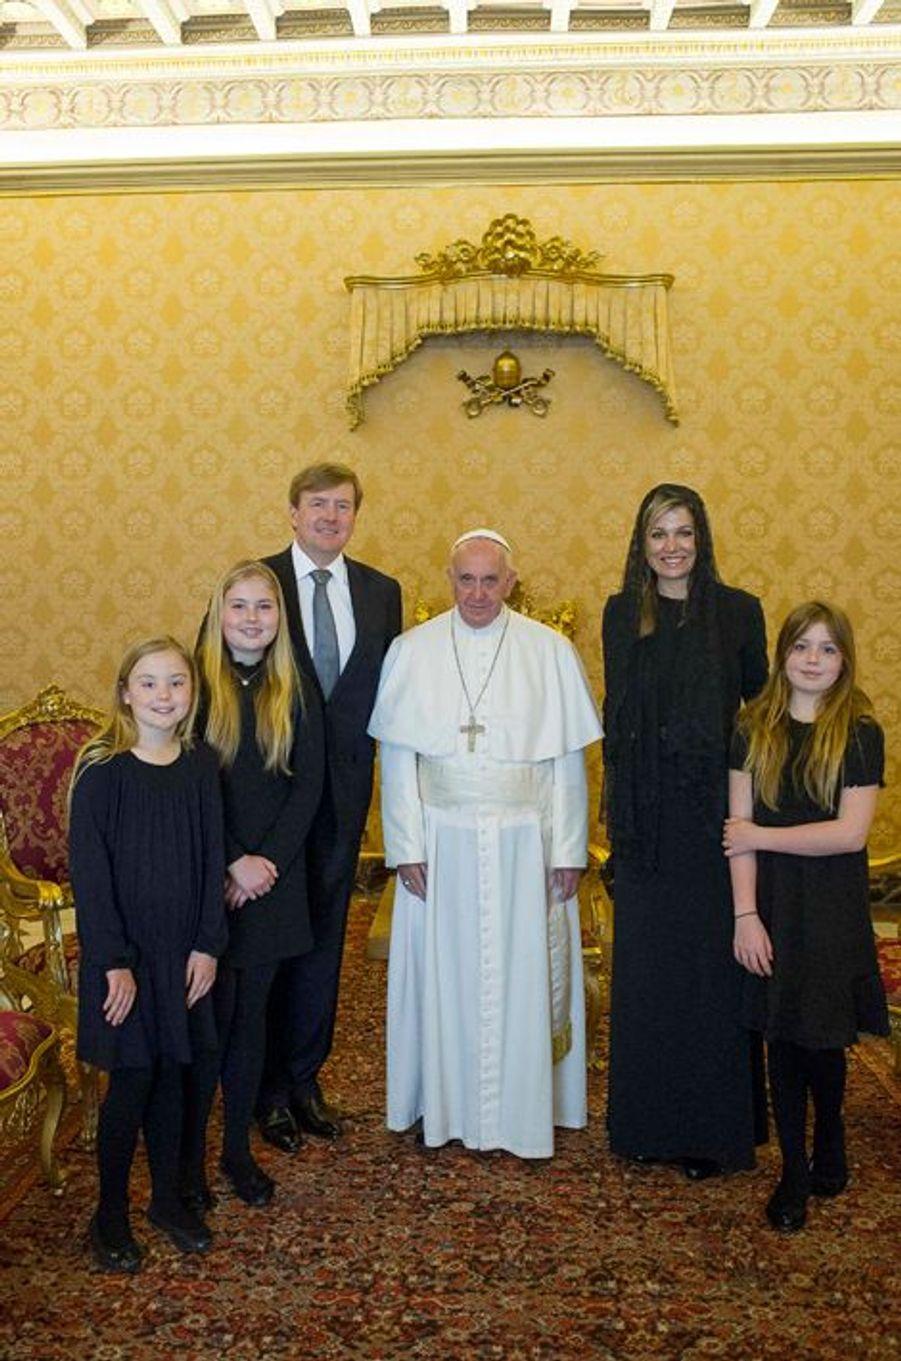 La reine Maxima des Pays-Bas avec le roi Willem-Alexander et leurs filles au Vatican, le 25 avril 2016